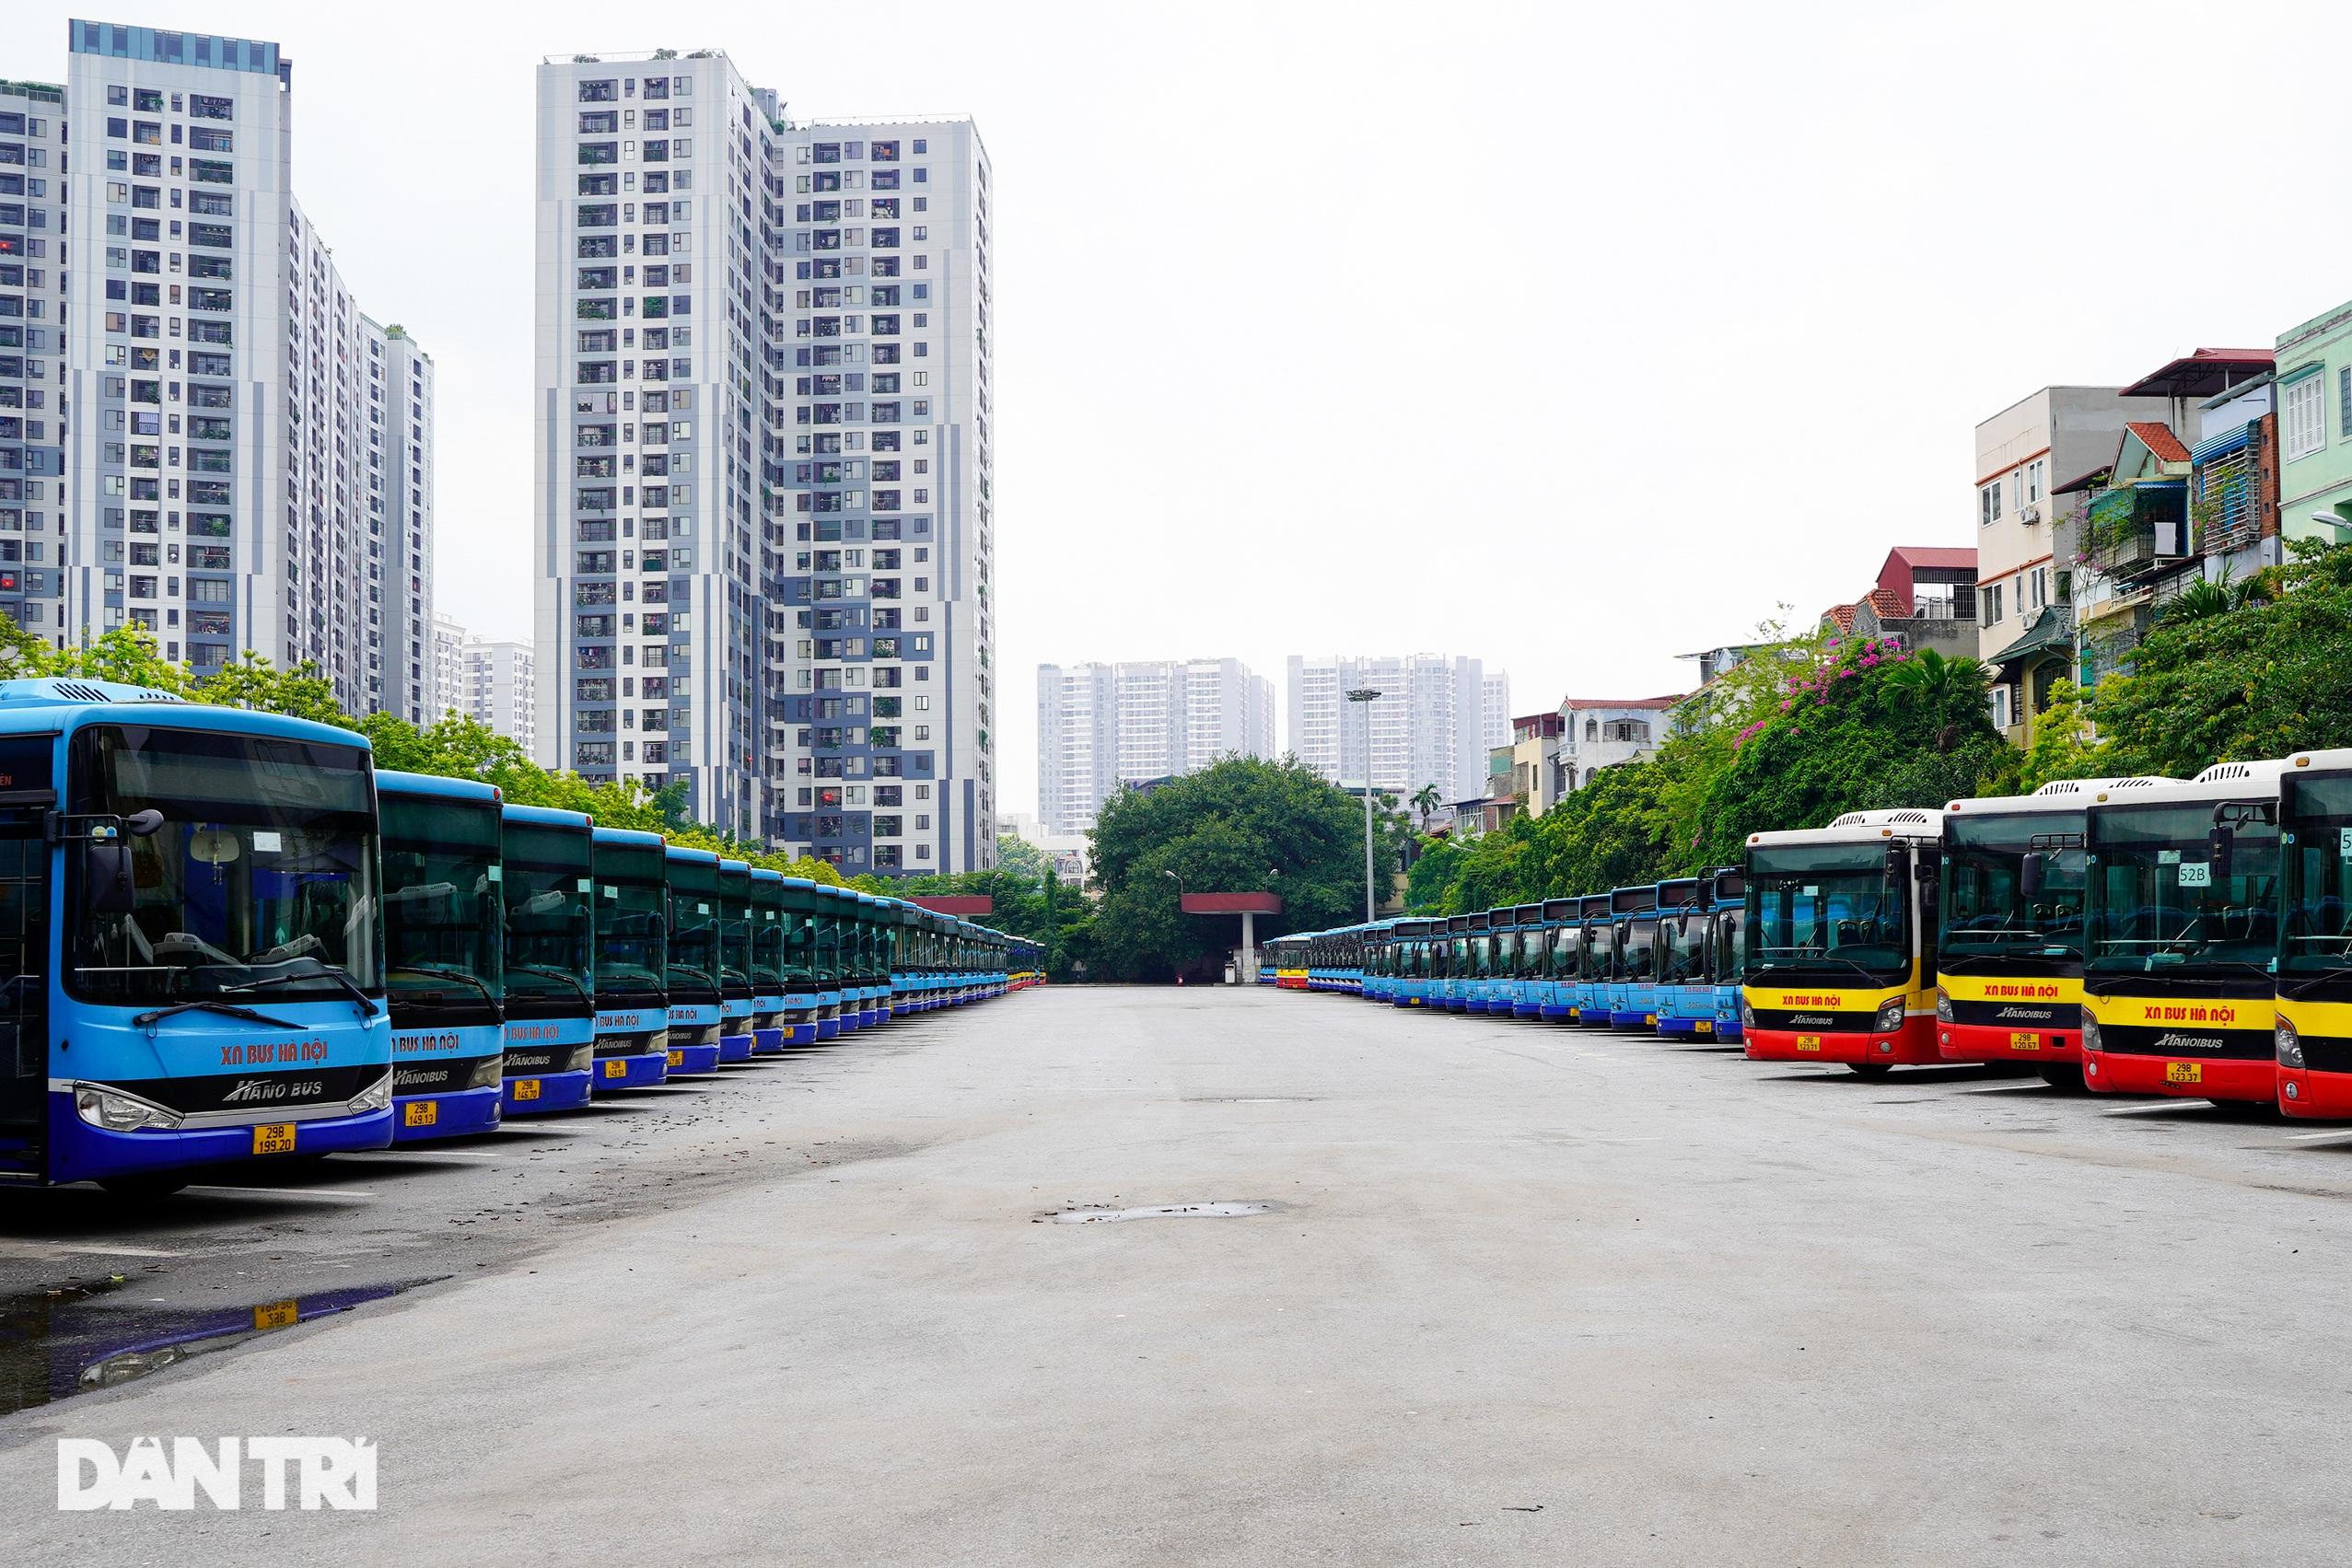 Hà Nội: Hàng nghìn ôtô nằm phơi nắng dầm mưa vì giãn cách xã hội - 2